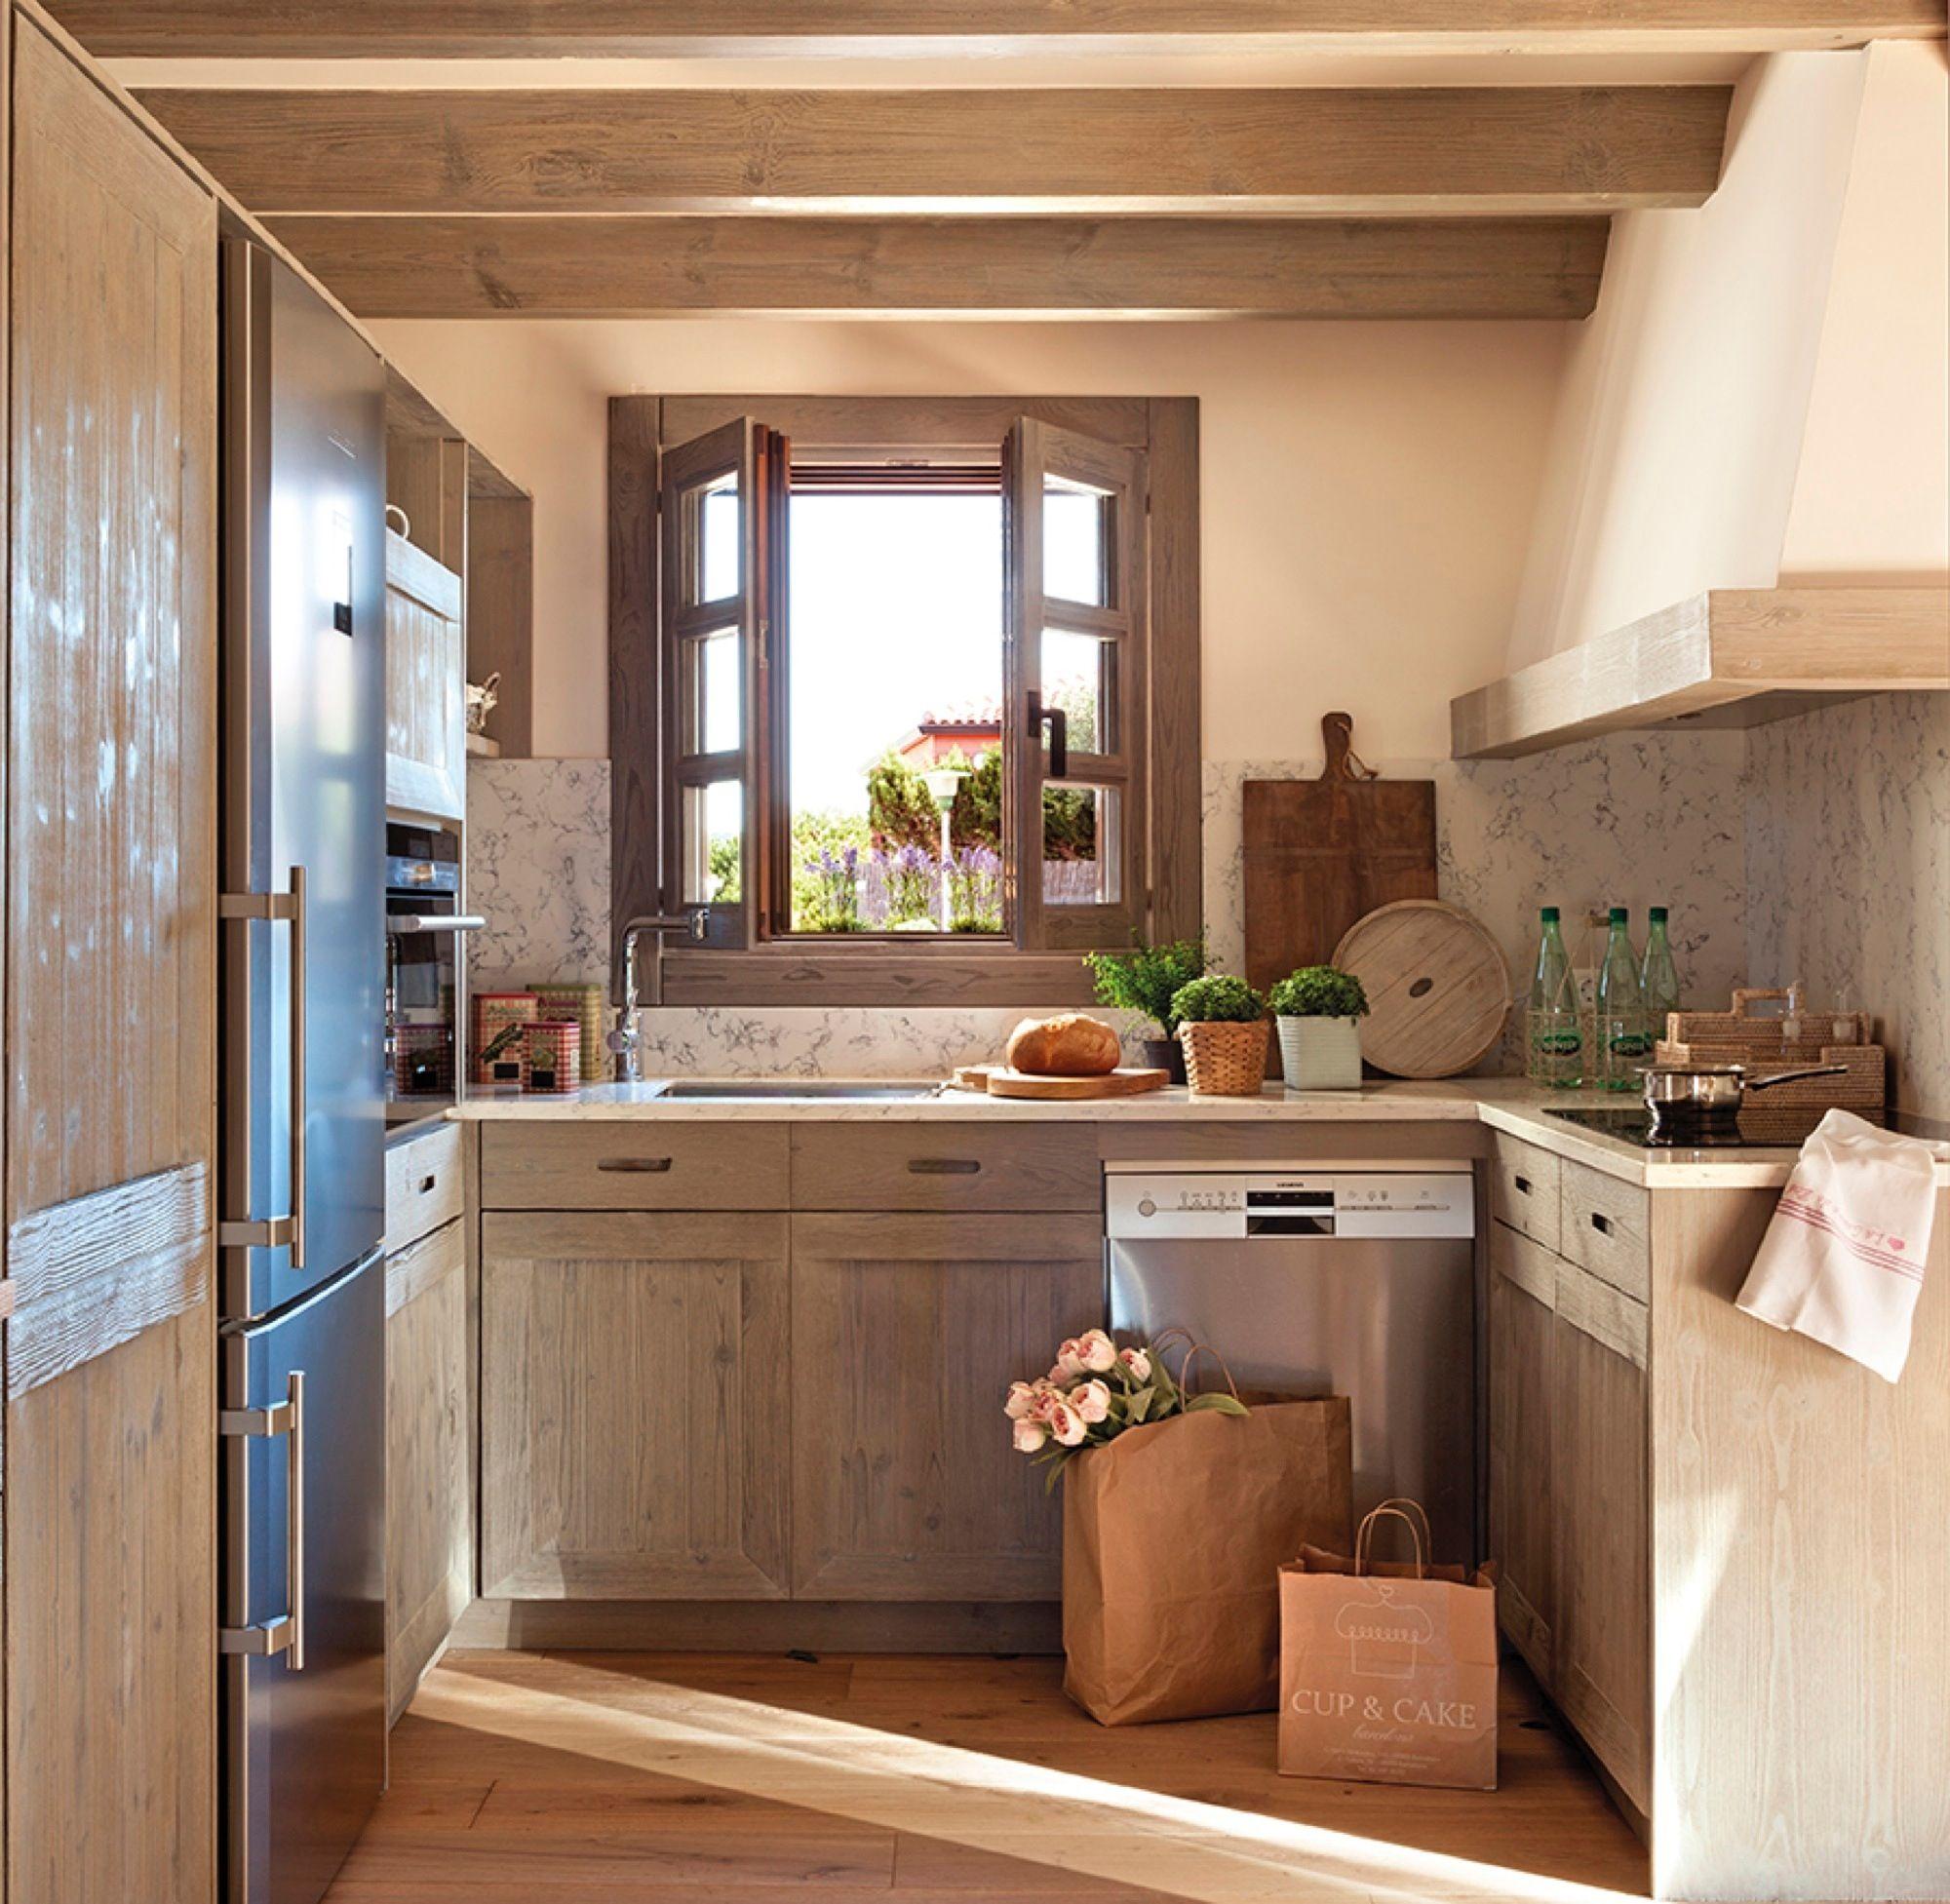 10 fotos de cocinas peque as bien aprovechadas cocinas Cocinas muy pequenas